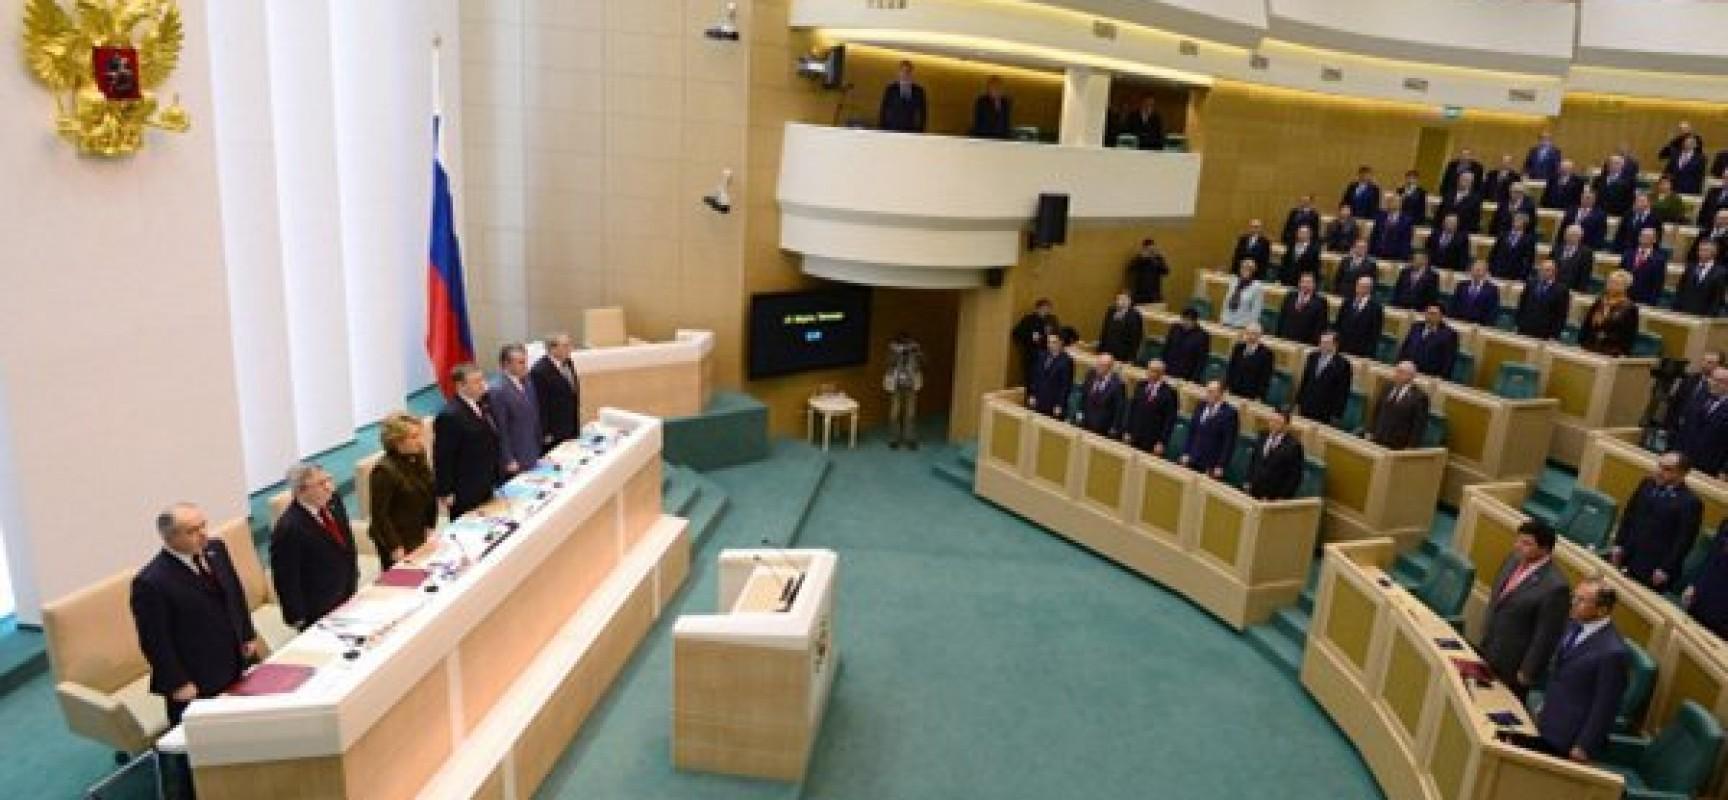 Les Etats-Unis et l'OTAN pris à leur propre piège en Ukraine